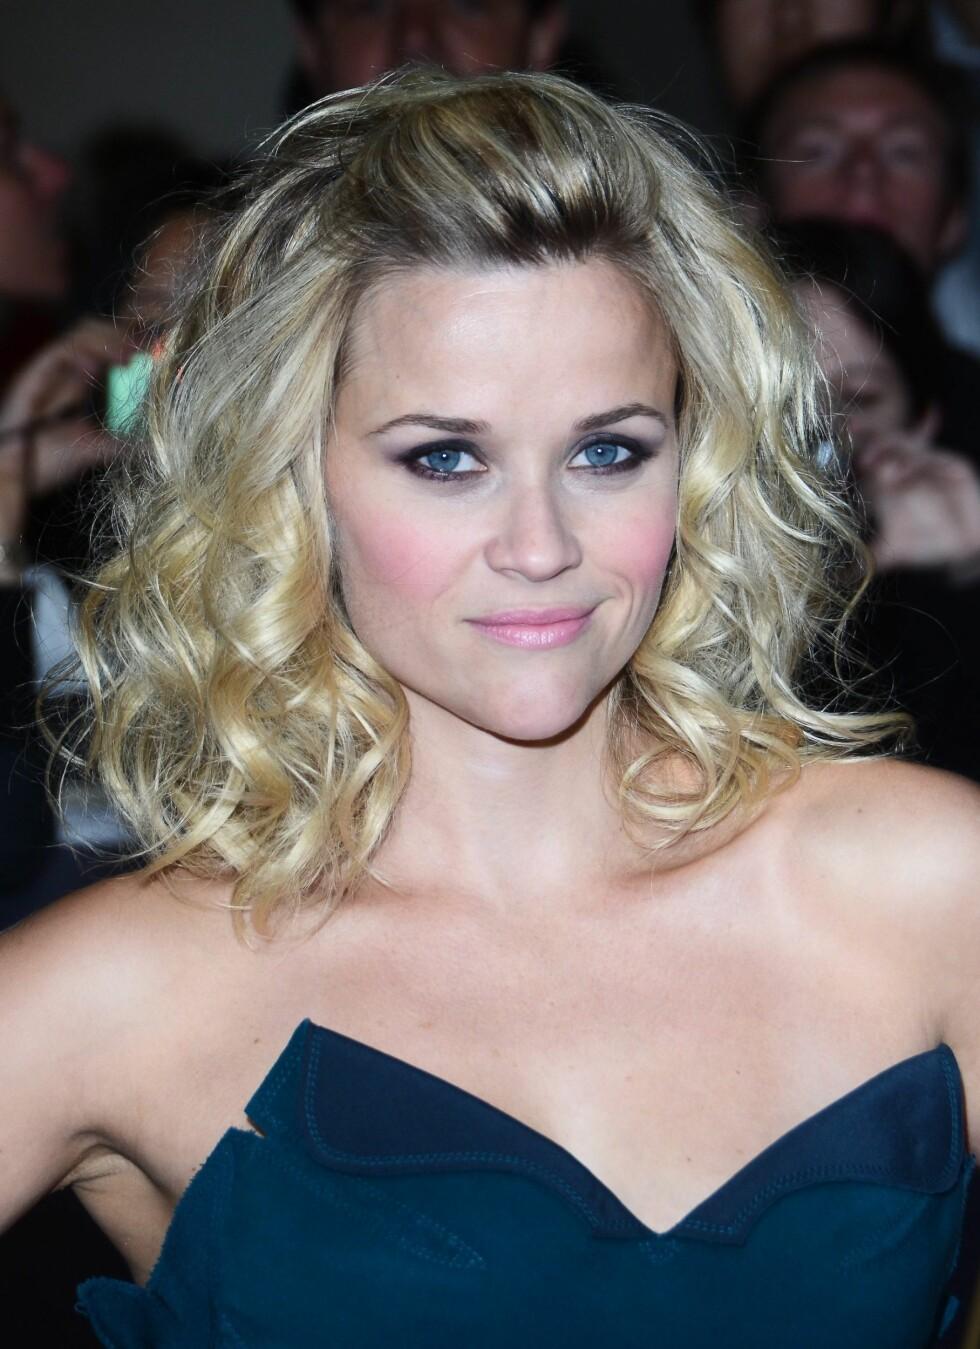 Skuespiller Reese Witherspoon har hjerteformet ansikt, med bred panne og smalt hakeparti. Foto: All Over Press